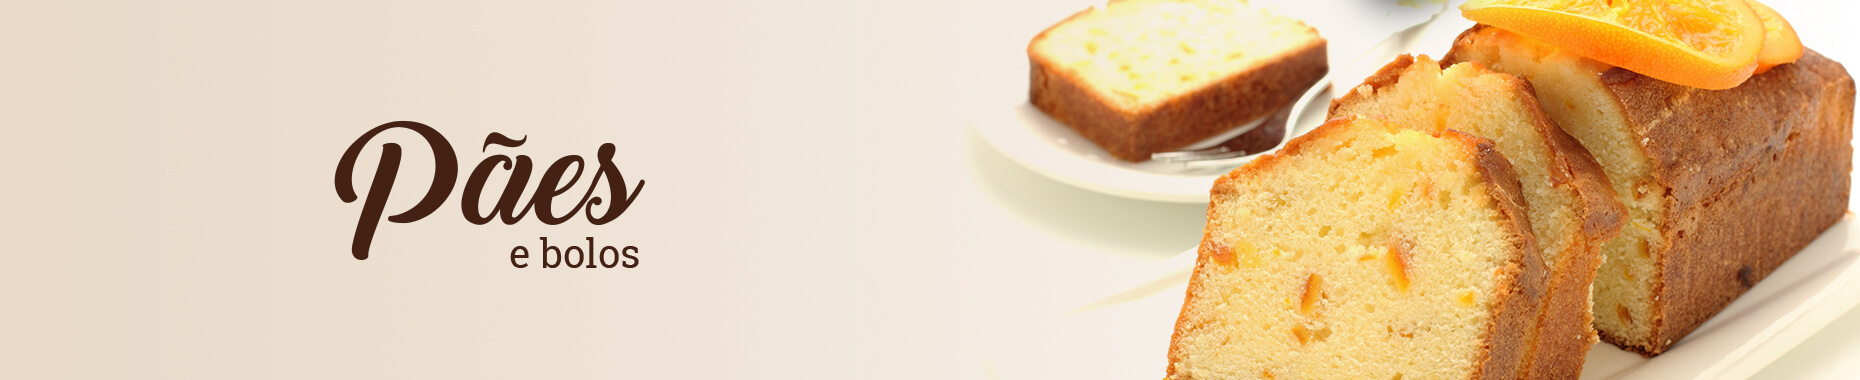 Pães e bolos Vitao